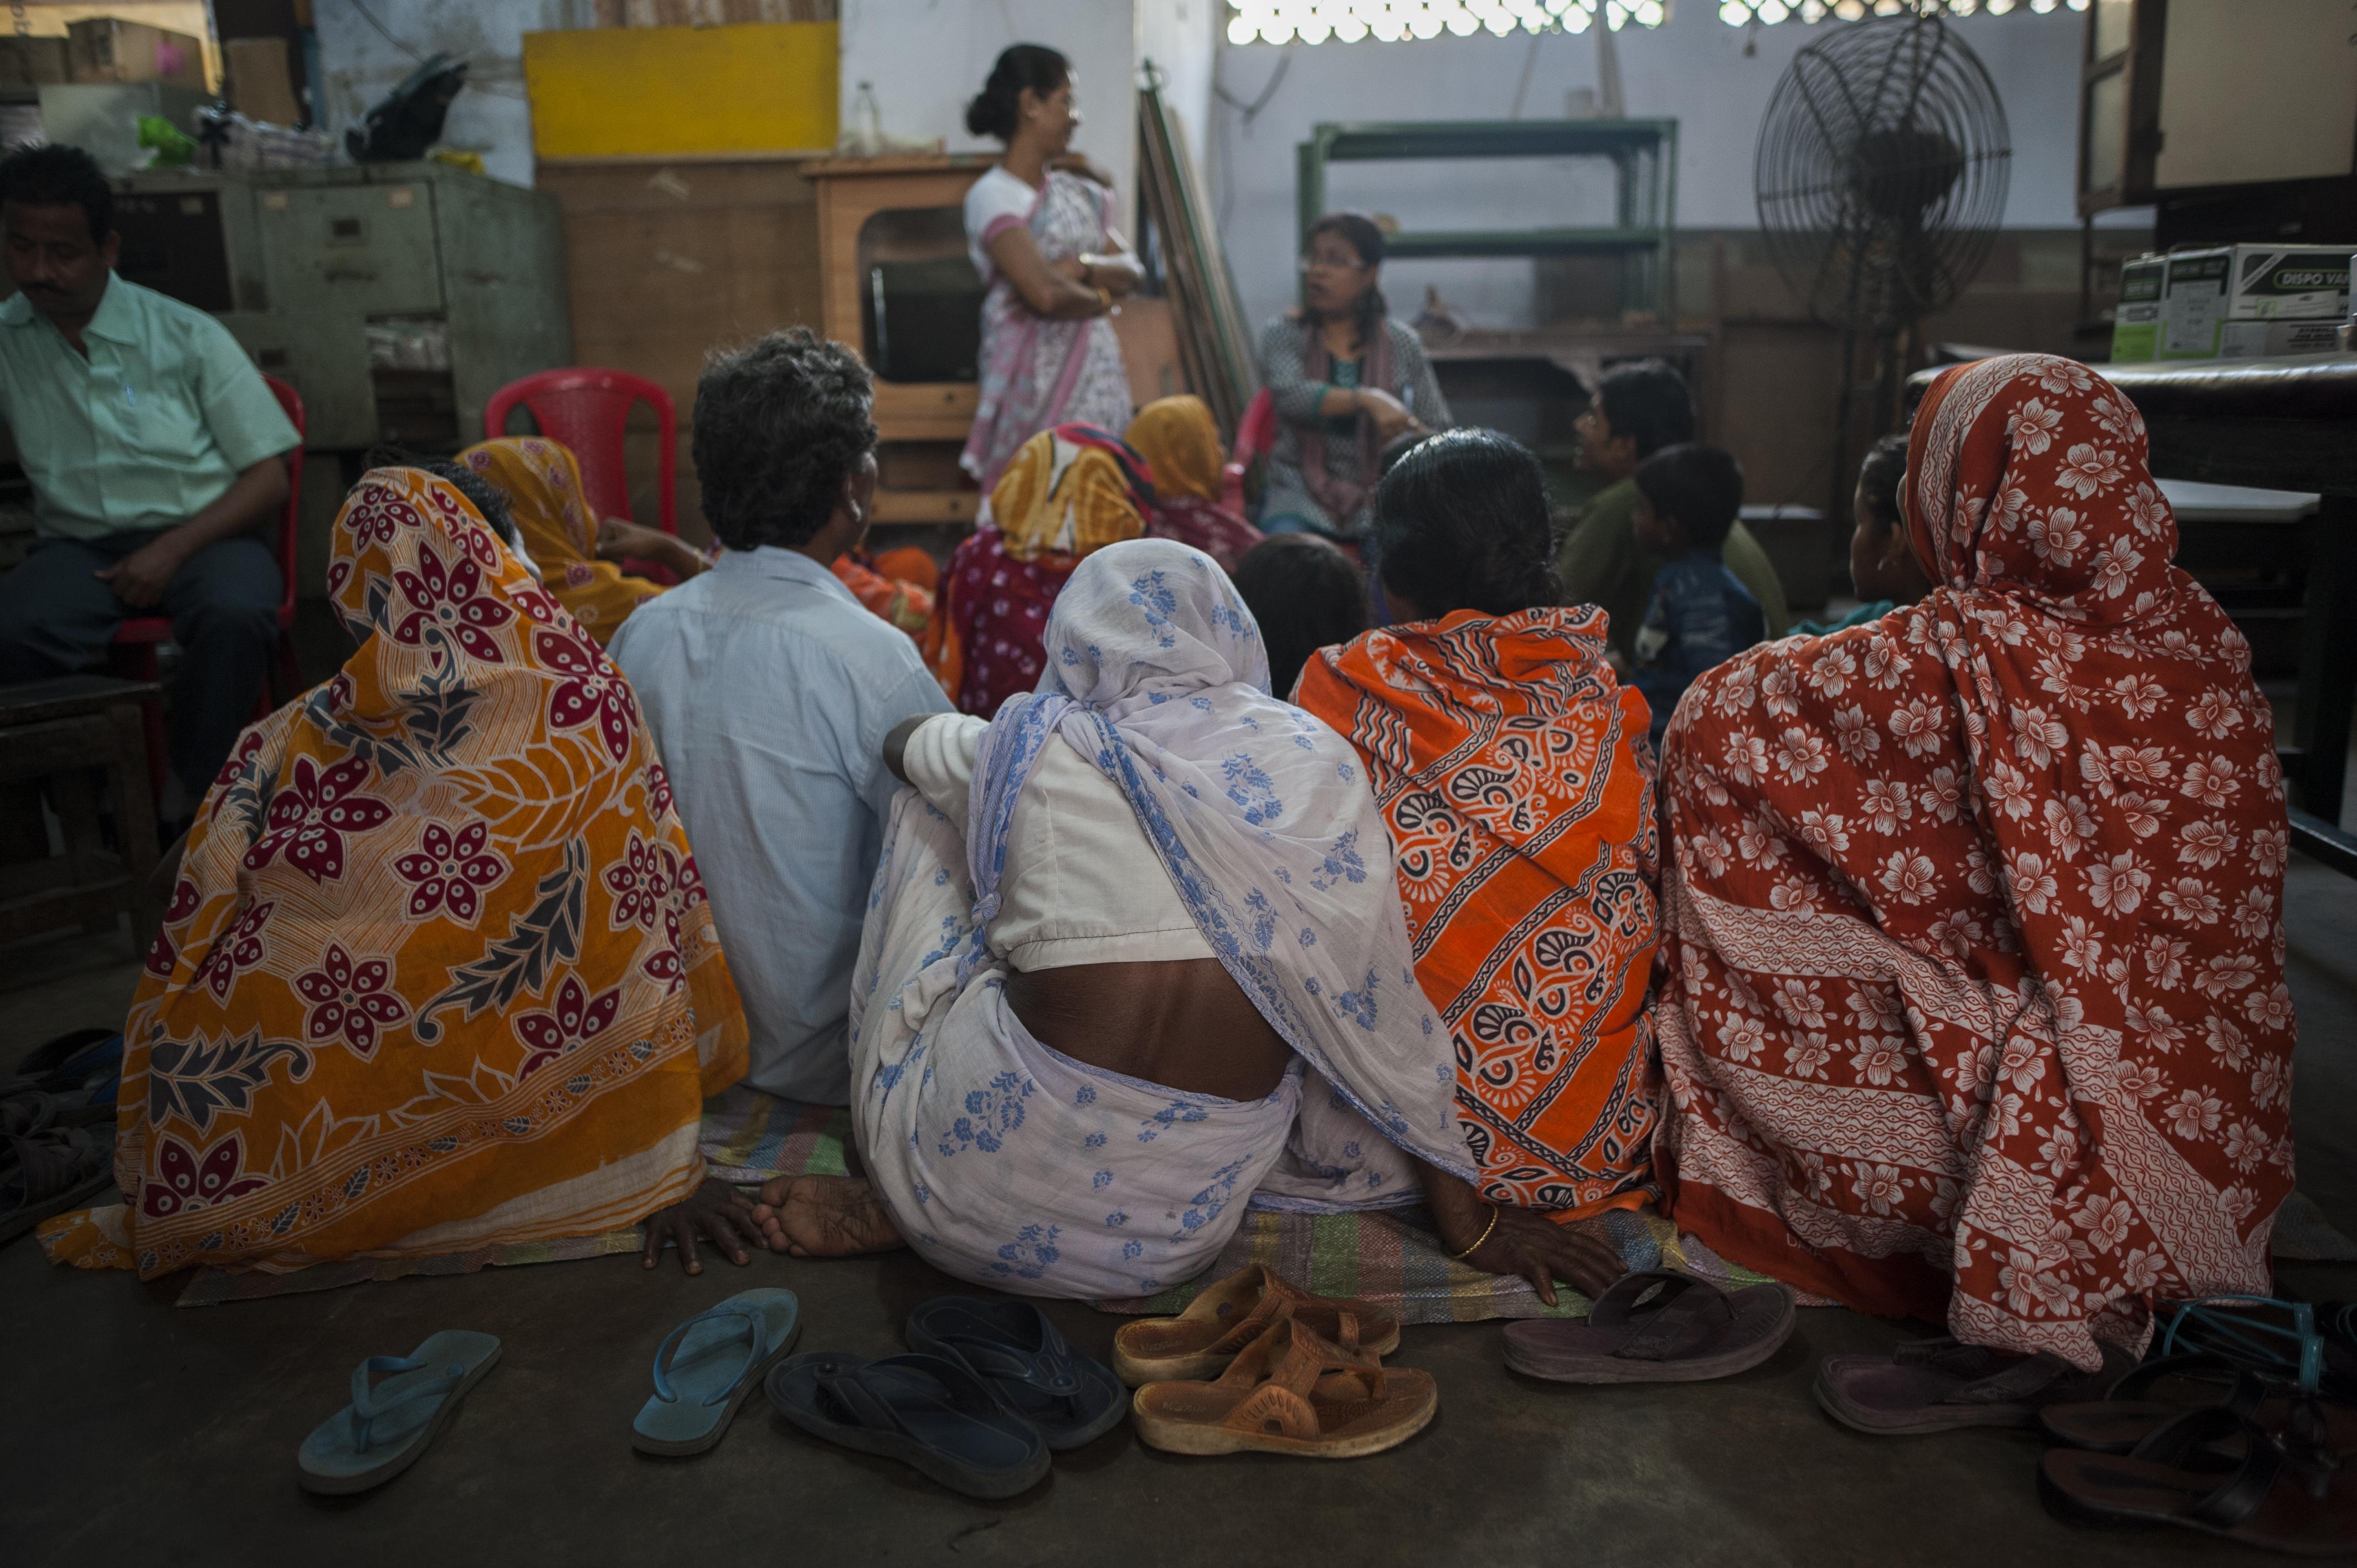 Eine Gruppe von Frauen waren in der Klinik bis sie an der Reihe sind.